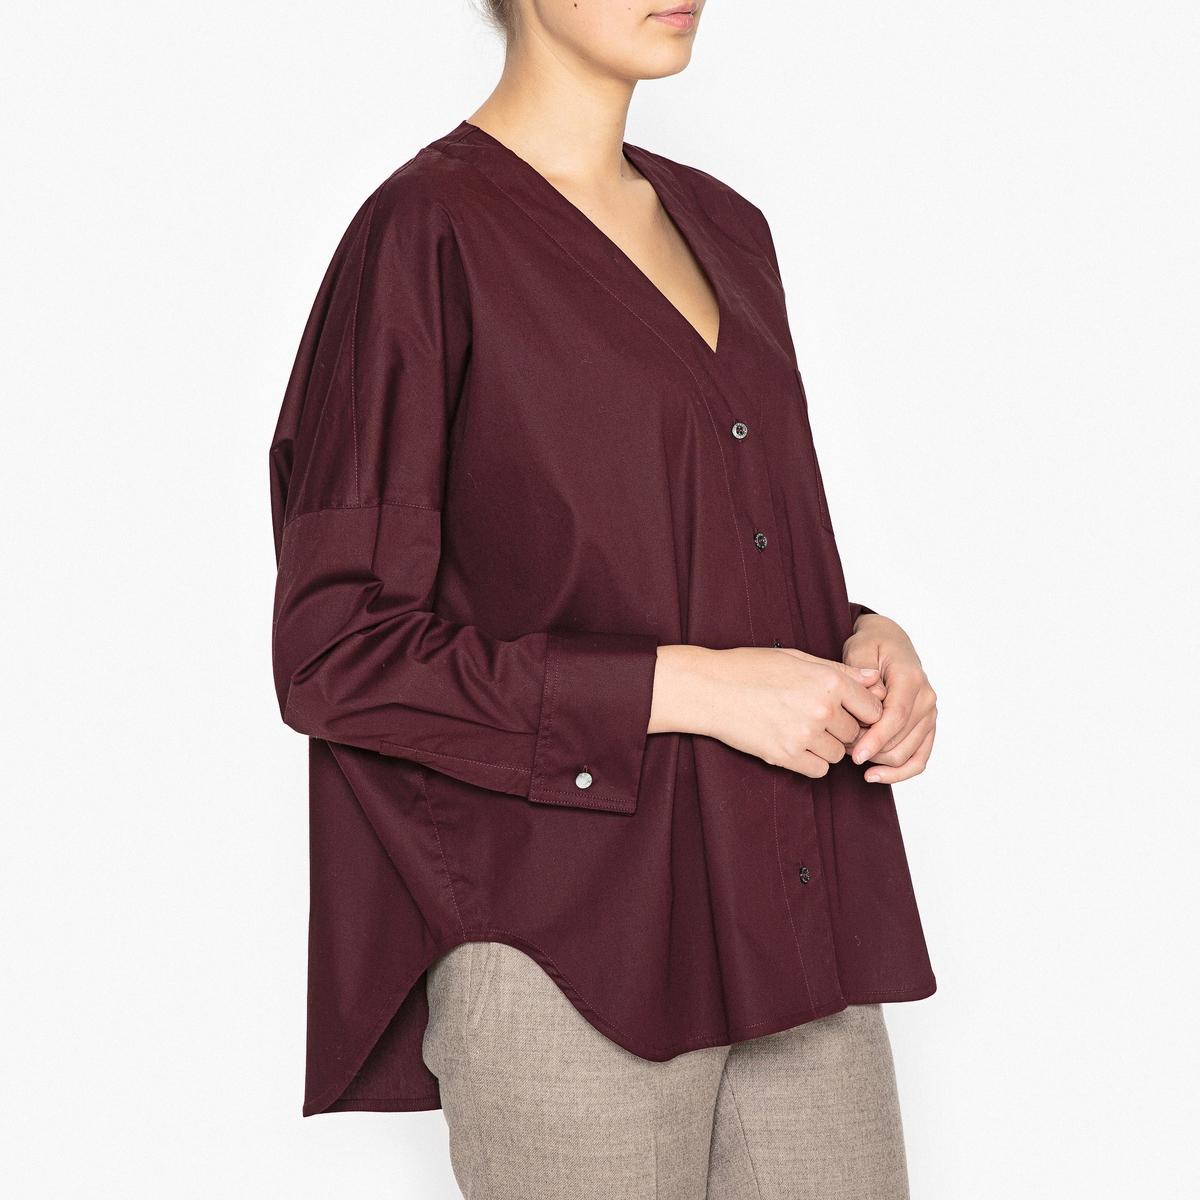 Рубашка свободная KATEРубашка PAUL AND JOE SISTER - модель KATE прямого покроя, V-образный вырез, из хлопкового поплина.Описание •  Длинные рукава  •  Прямой покрой  •   V-образный вырезСостав и уход •  97% хлопка, 3% эластана •  Следуйте рекомендациям по уходу, указанным на этикетке изделия   •  Карман на груди •  Низ закругленный, более длинный сзади •  Застежка на перламутровые пуговицы •  Рукава и манжеты мушкетерские.<br><br>Цвет: белый,бордовый<br>Размер: L